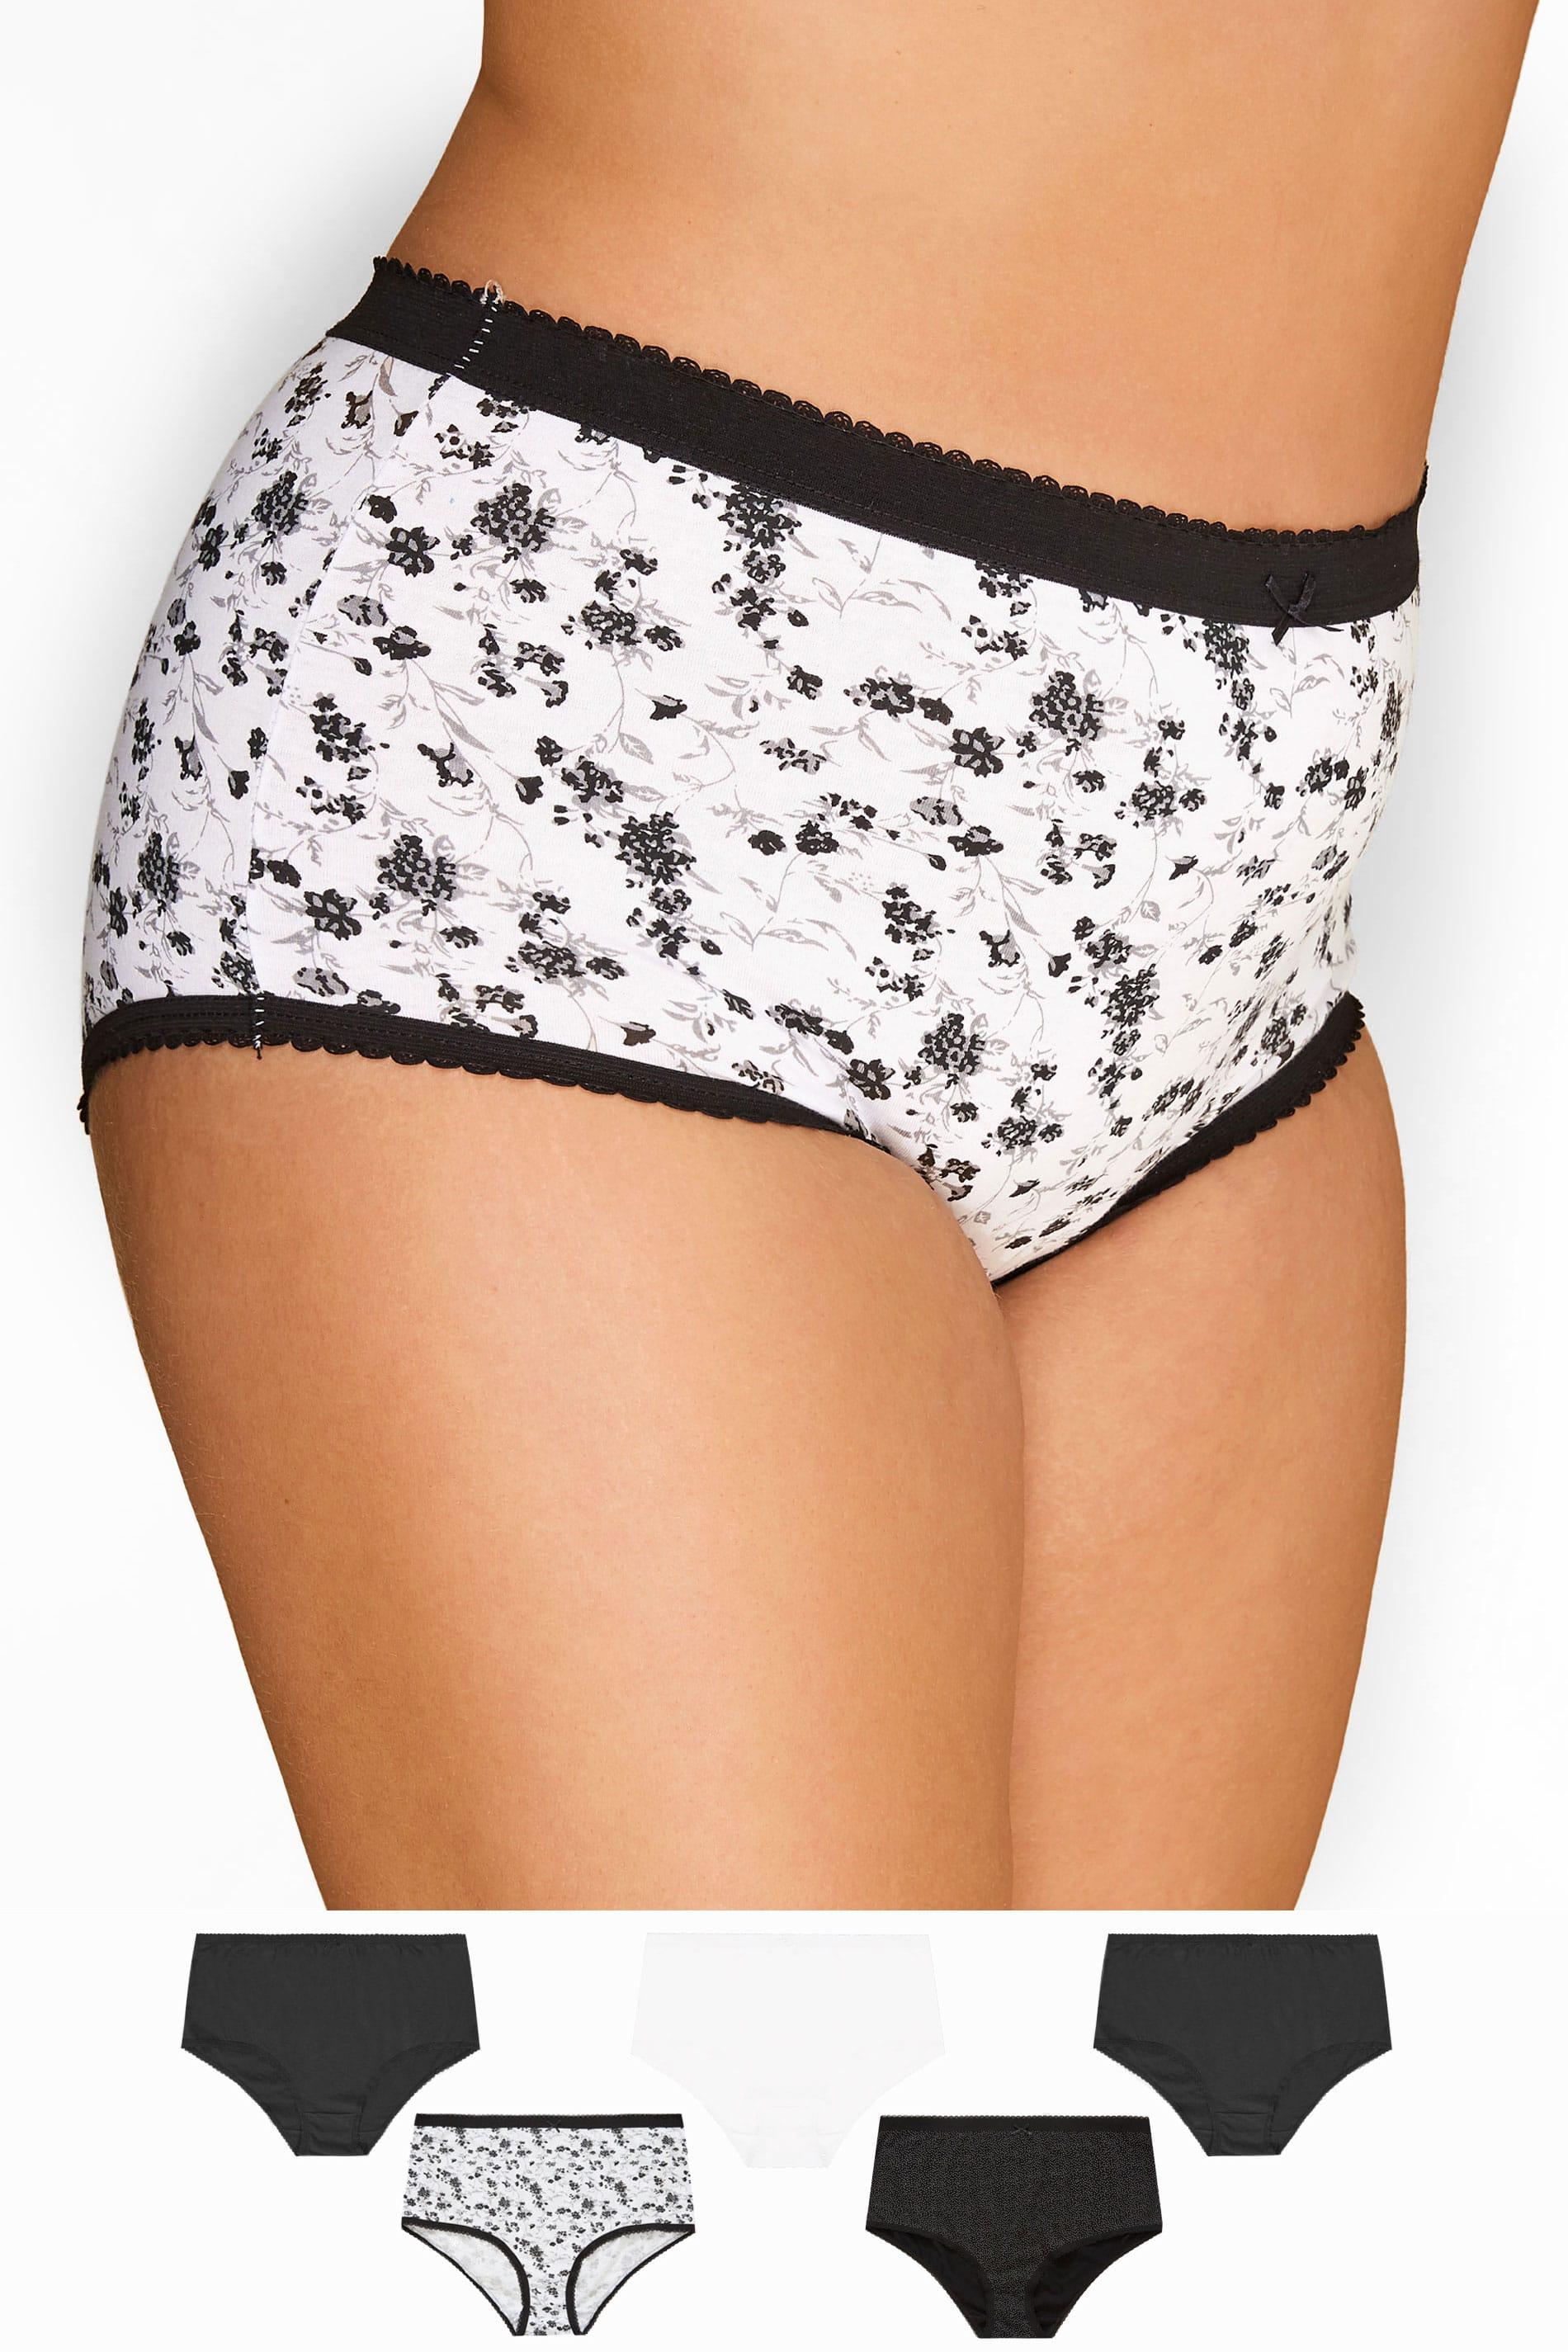 5er Pack Baumwoll-Slips mit Blumen-Muster - Schwarz/Weiß